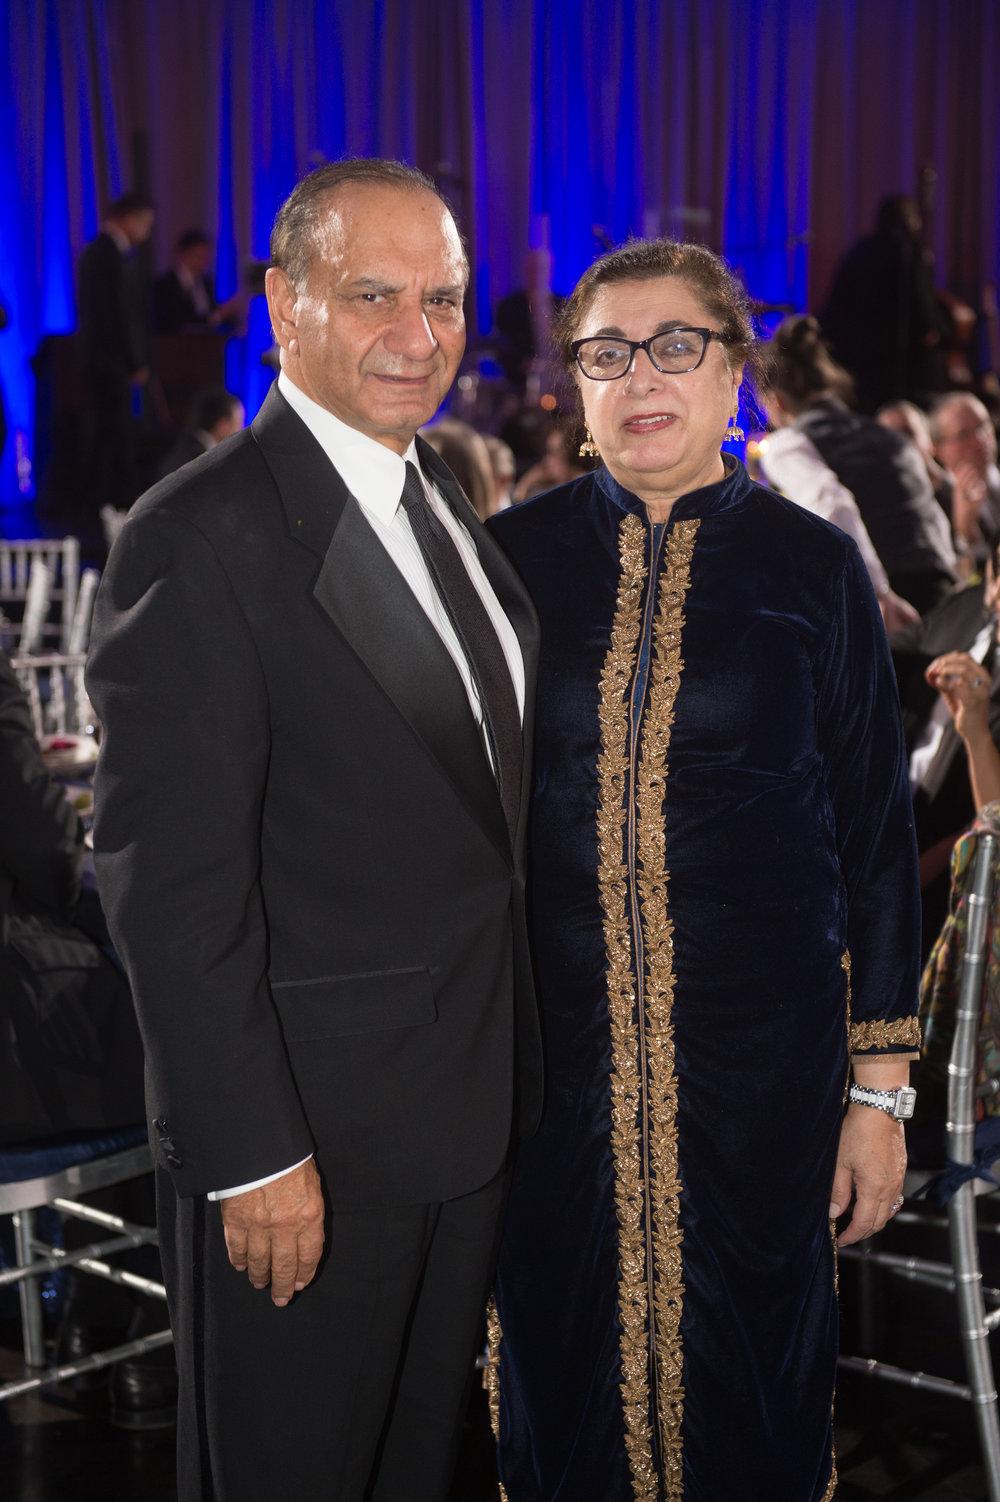 Farooq and Farida Kathwari